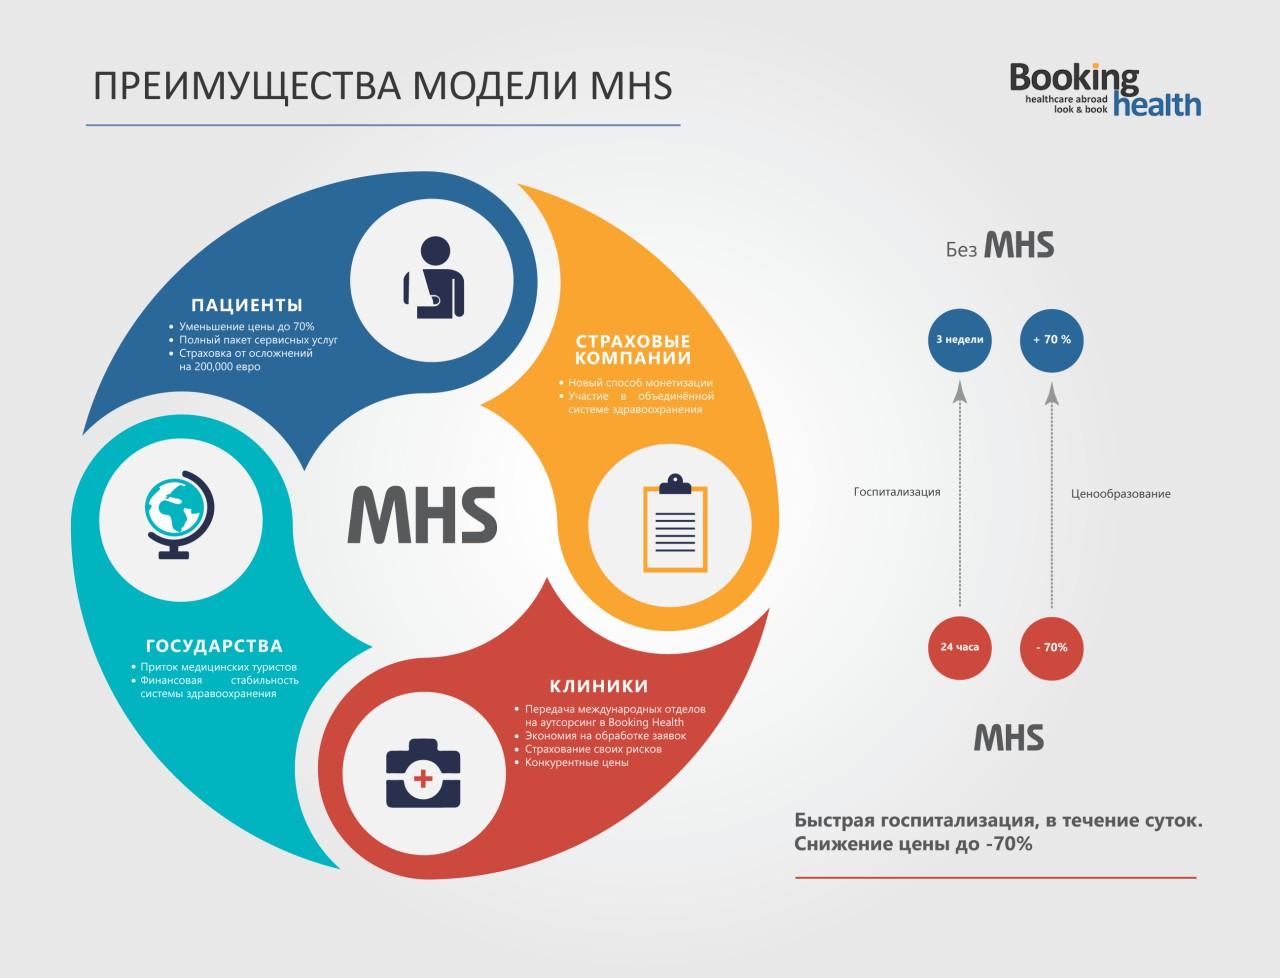 model MHS